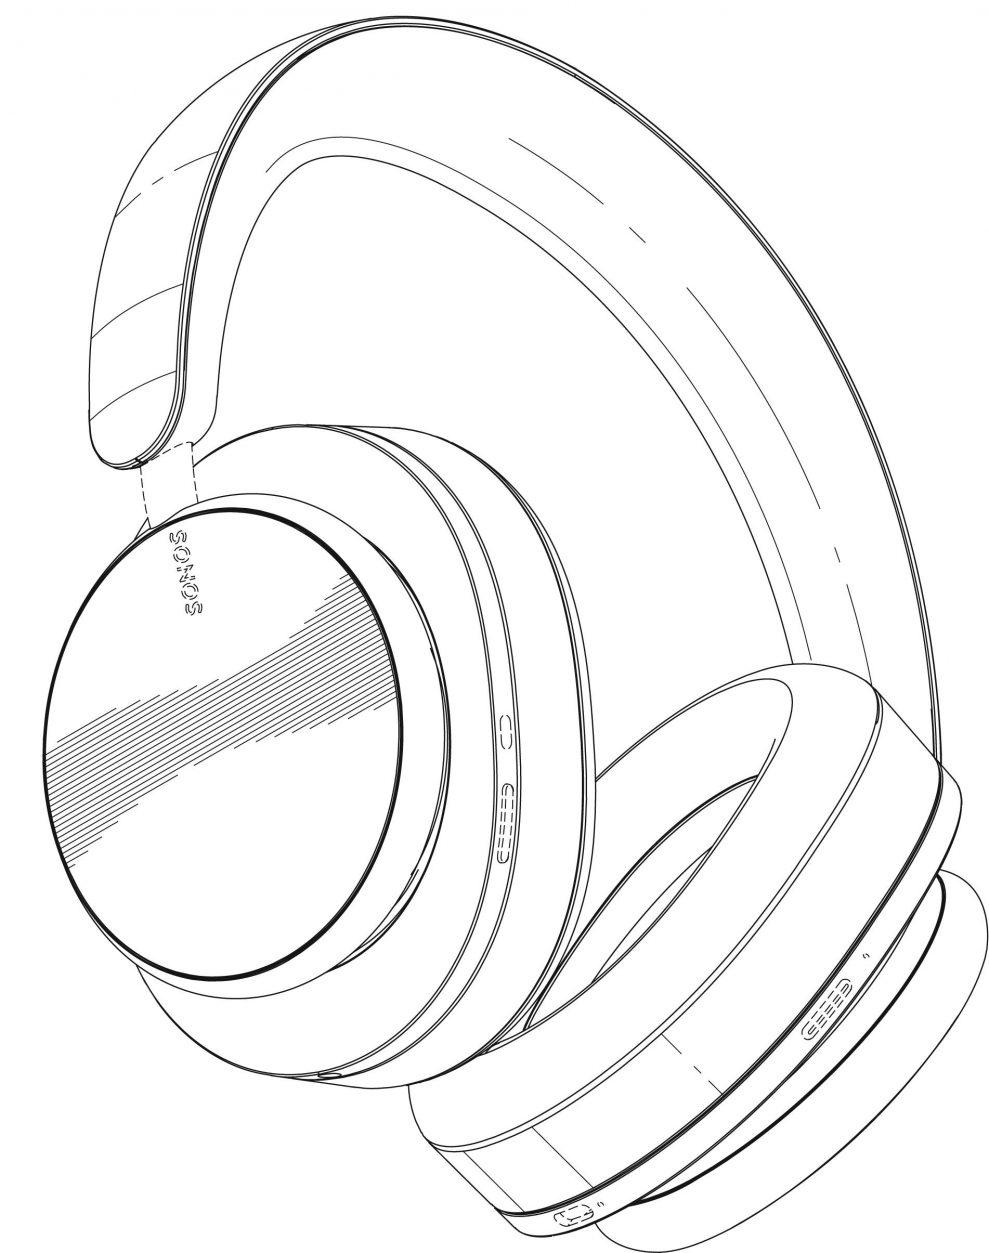 Sonos-headphones-2-989x1253_3